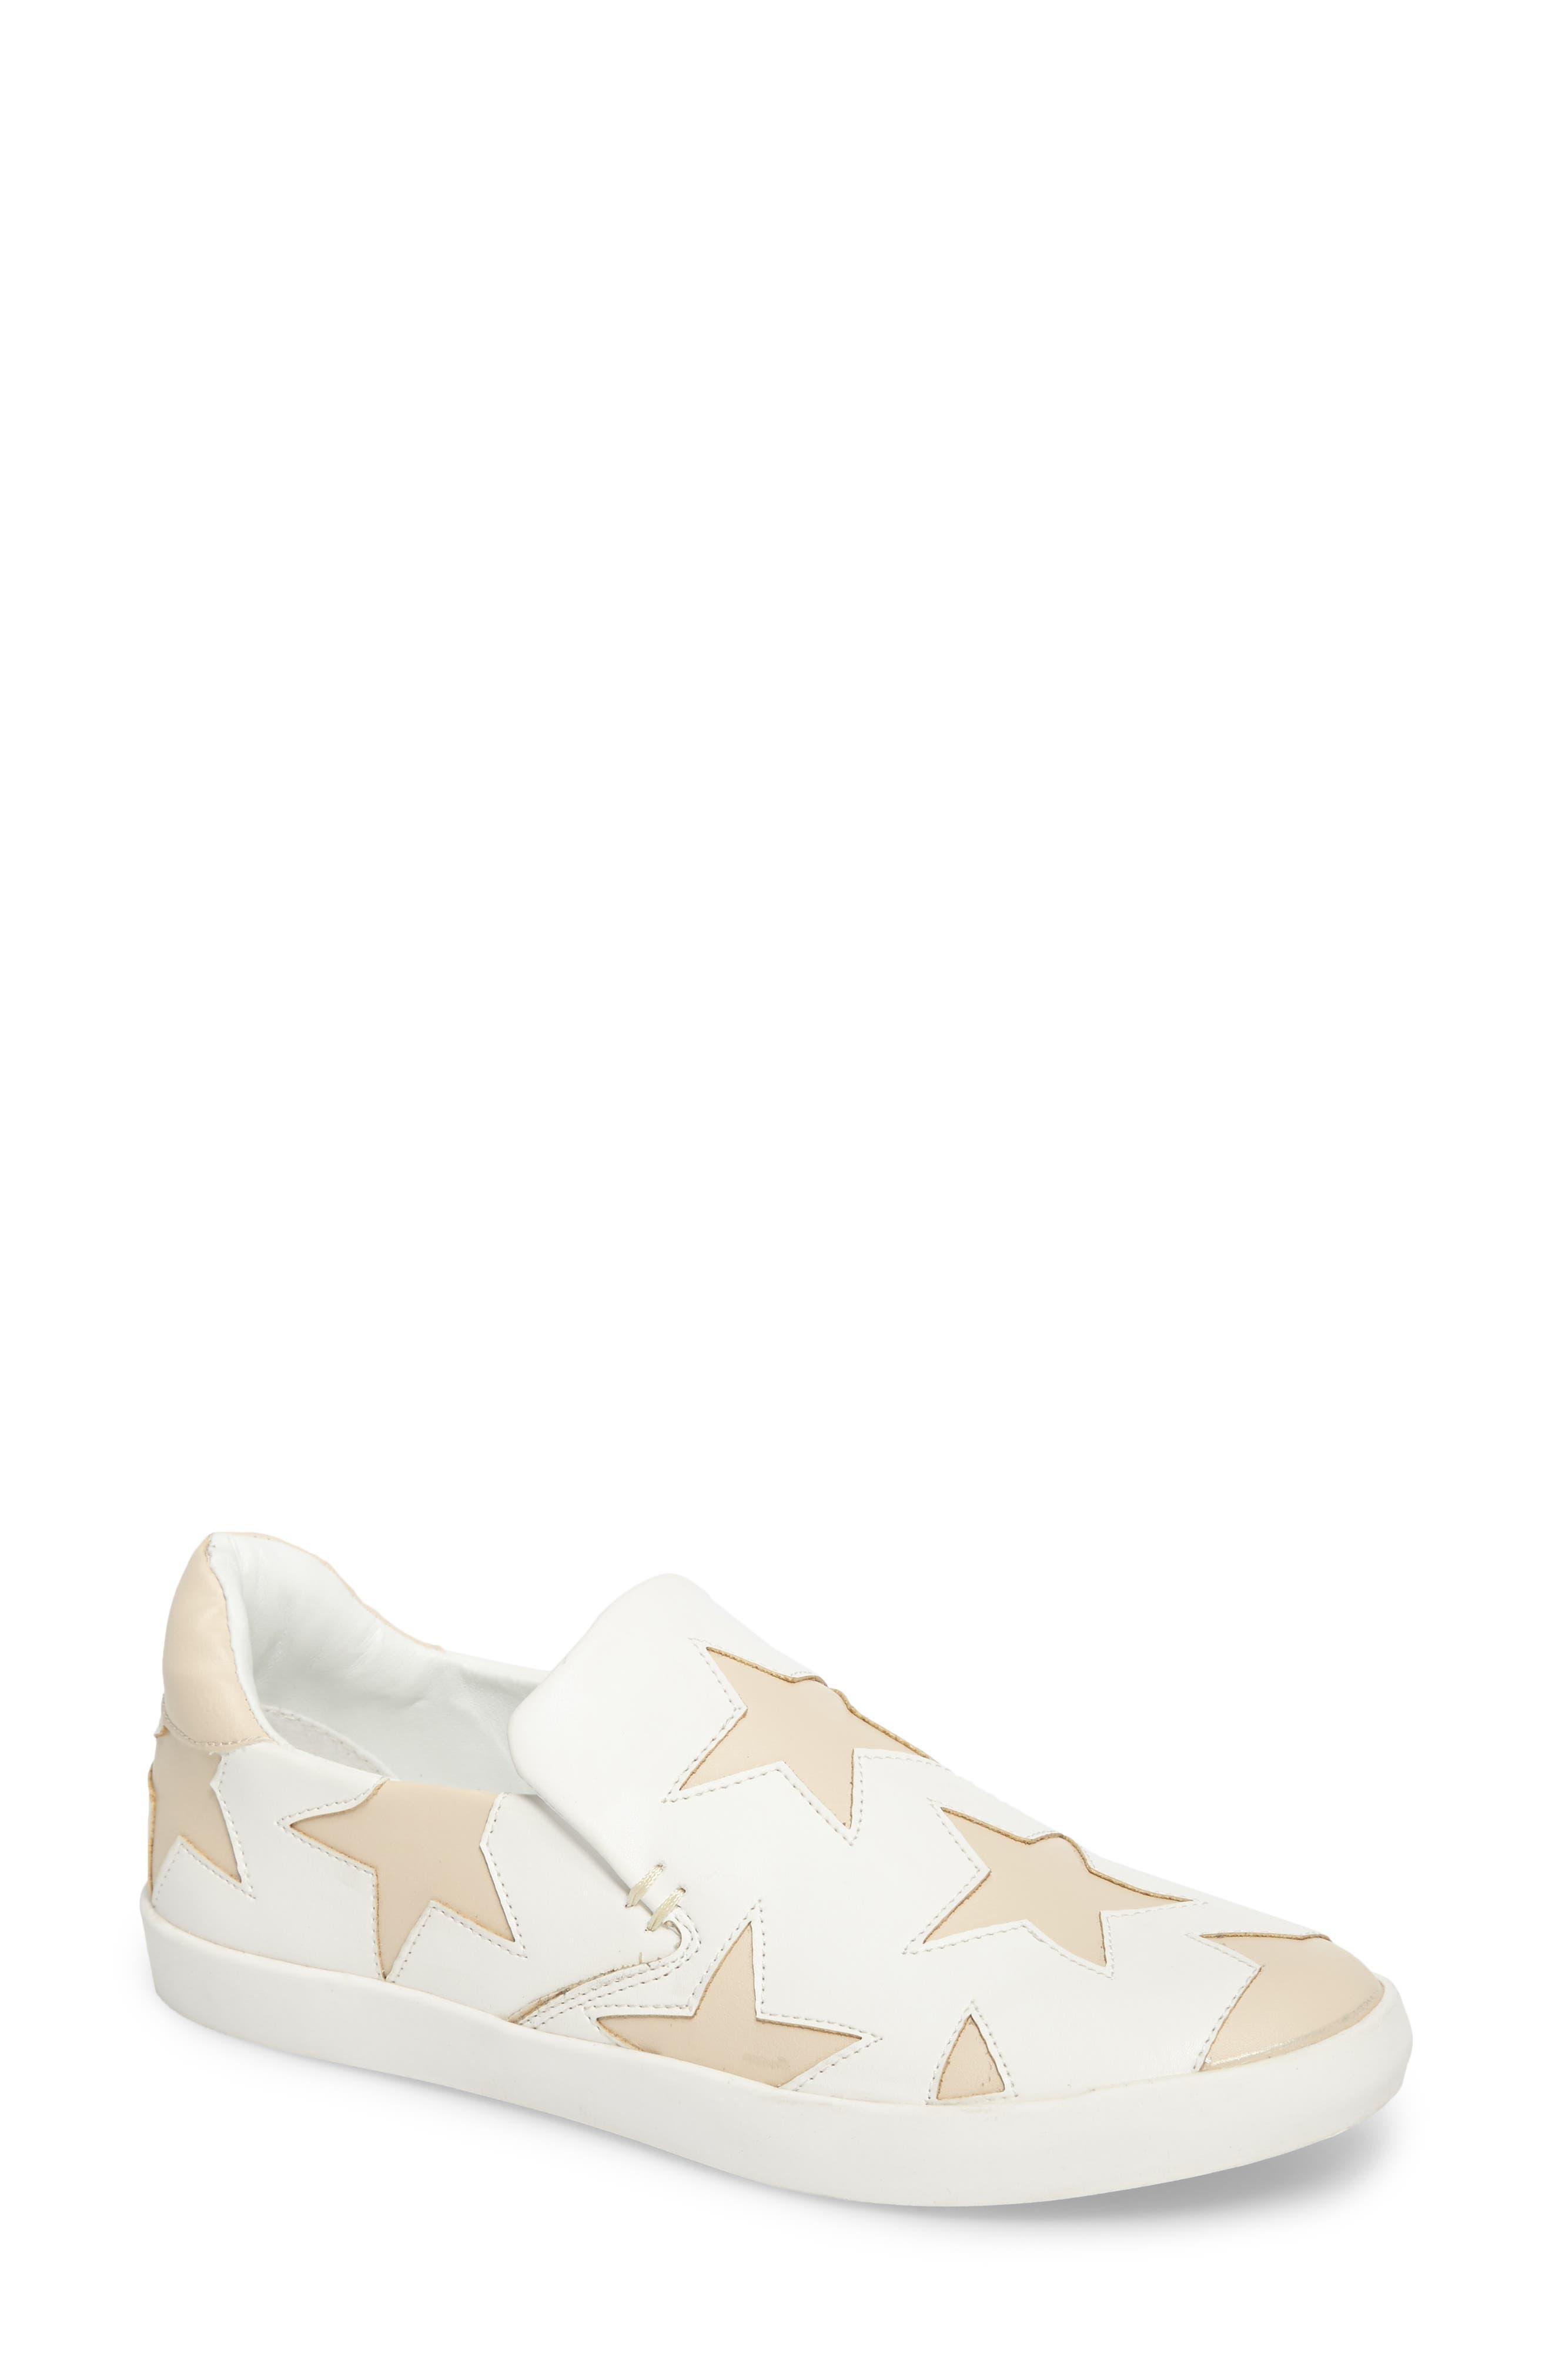 Highlight Slip-On Star Sneaker,                         Main,                         color, White